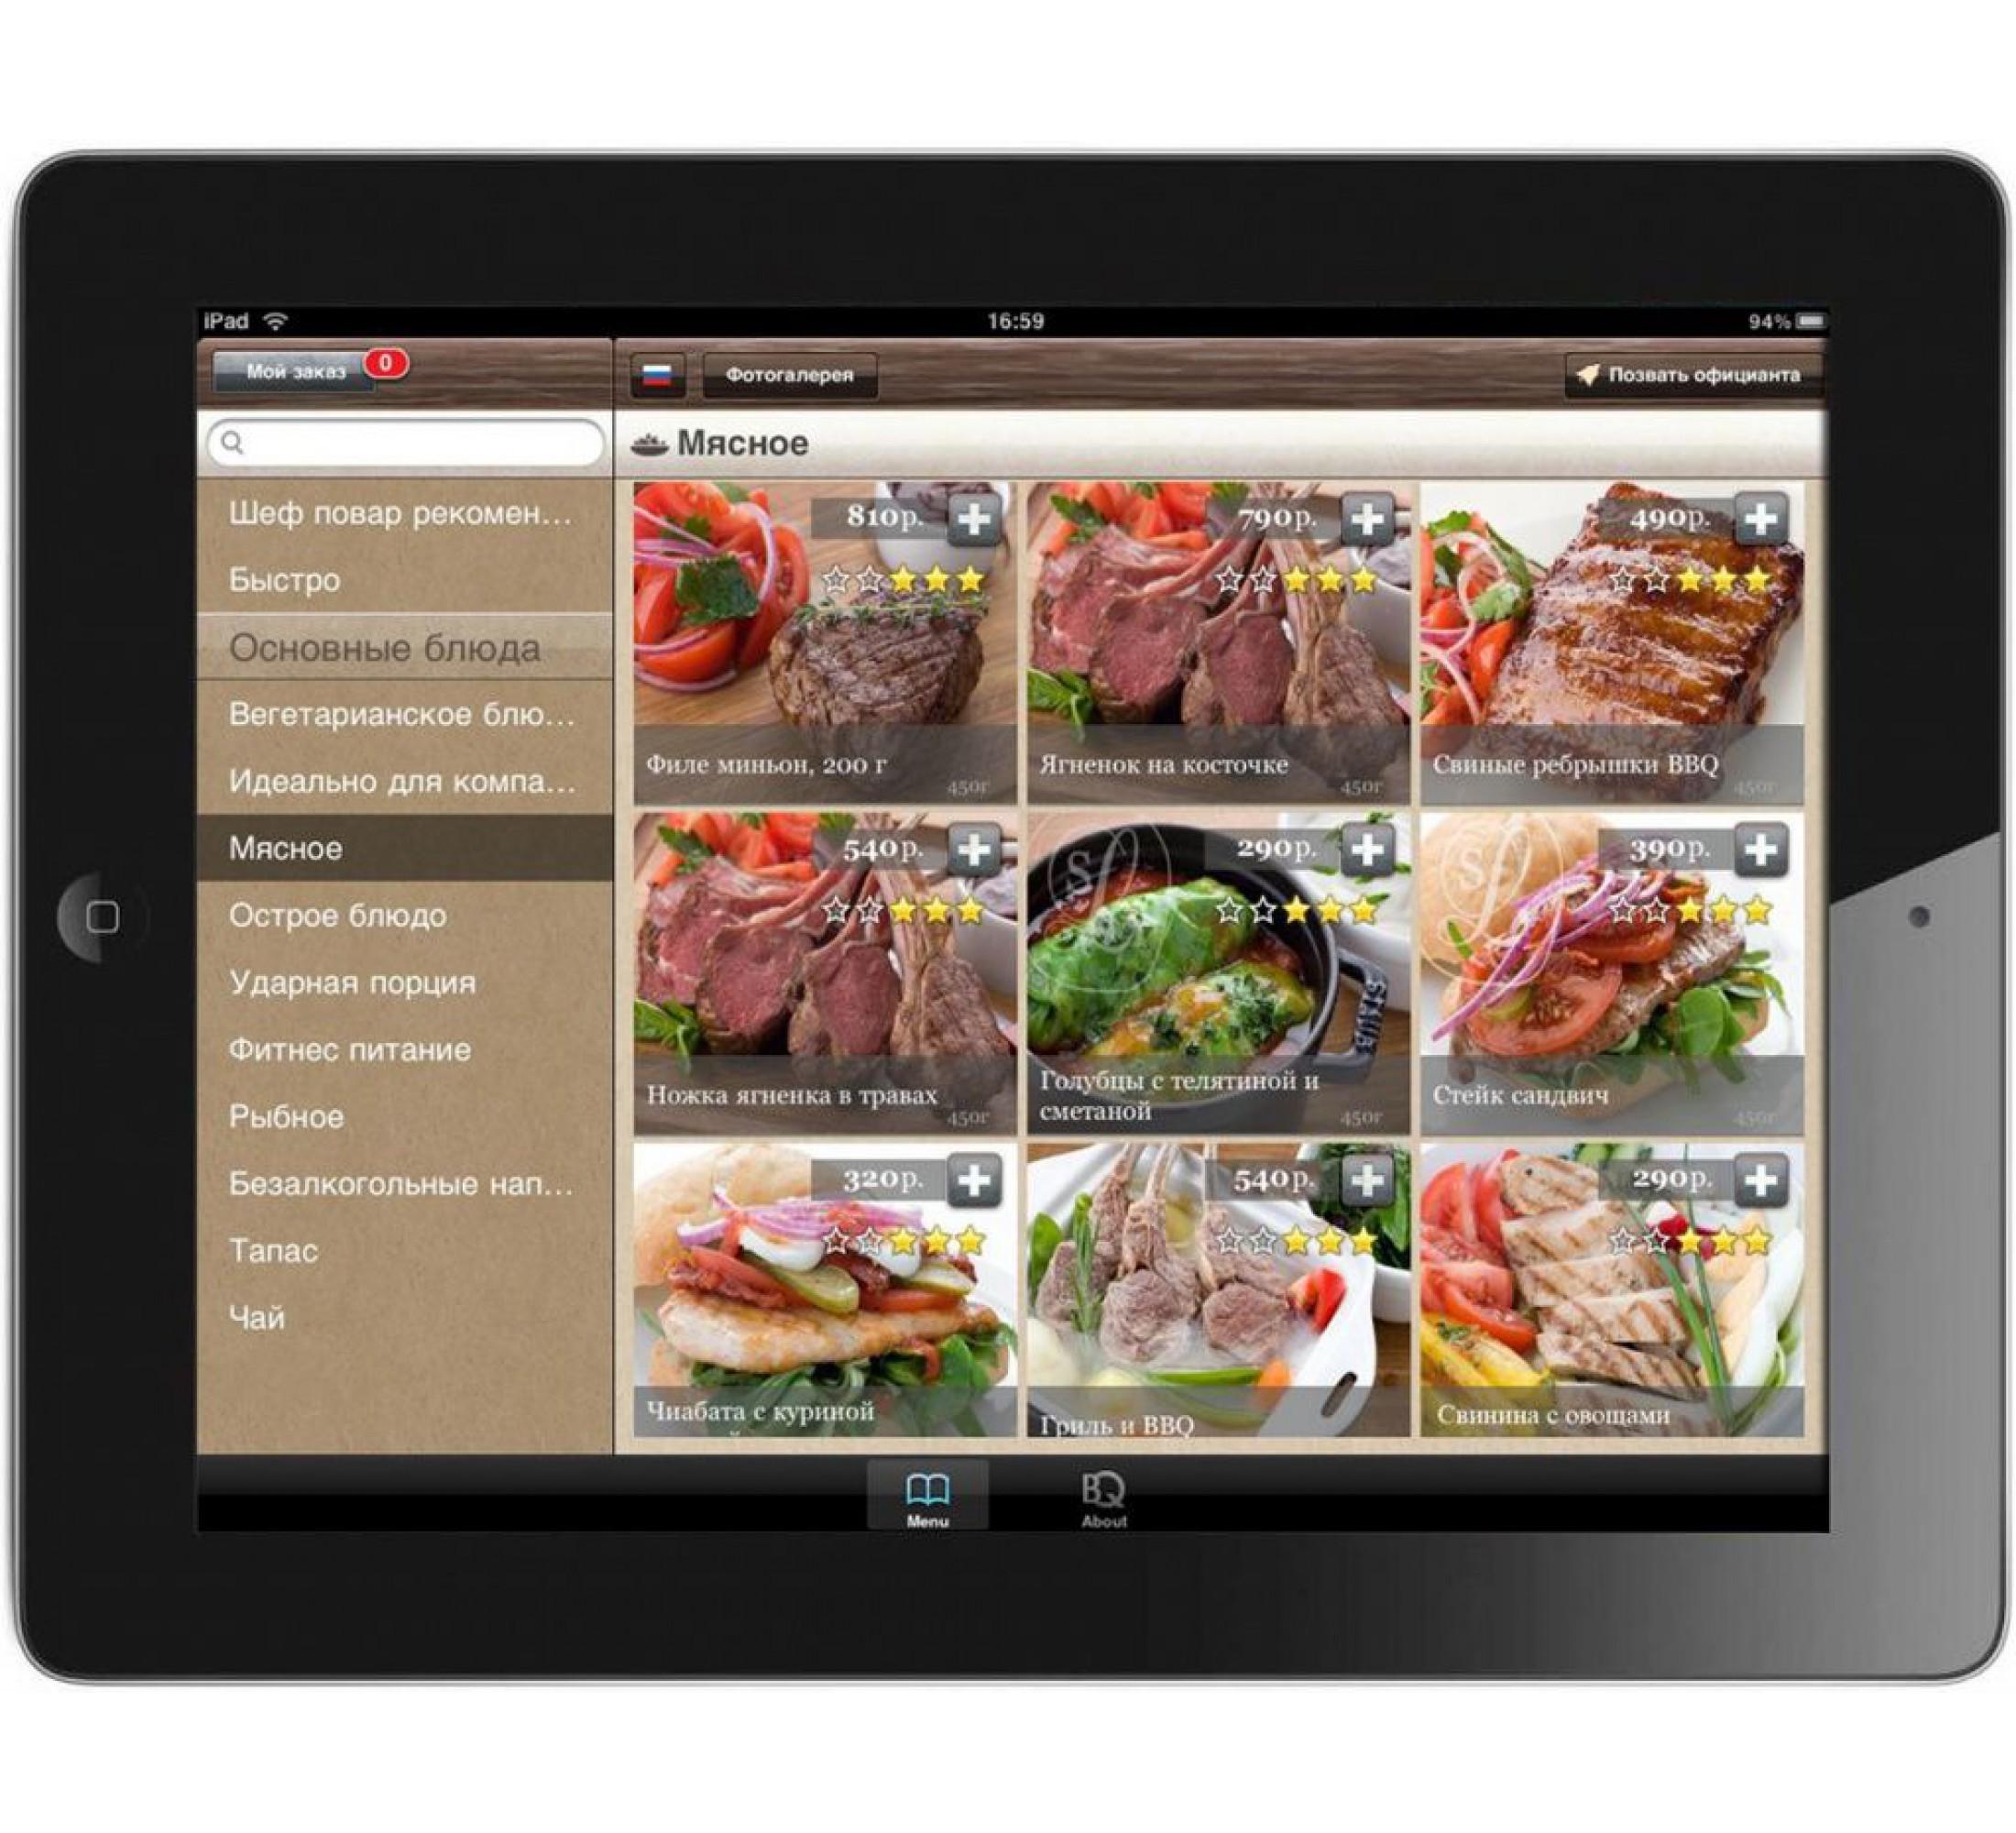 Rk-Order Приём заказов на базе планшета IPad